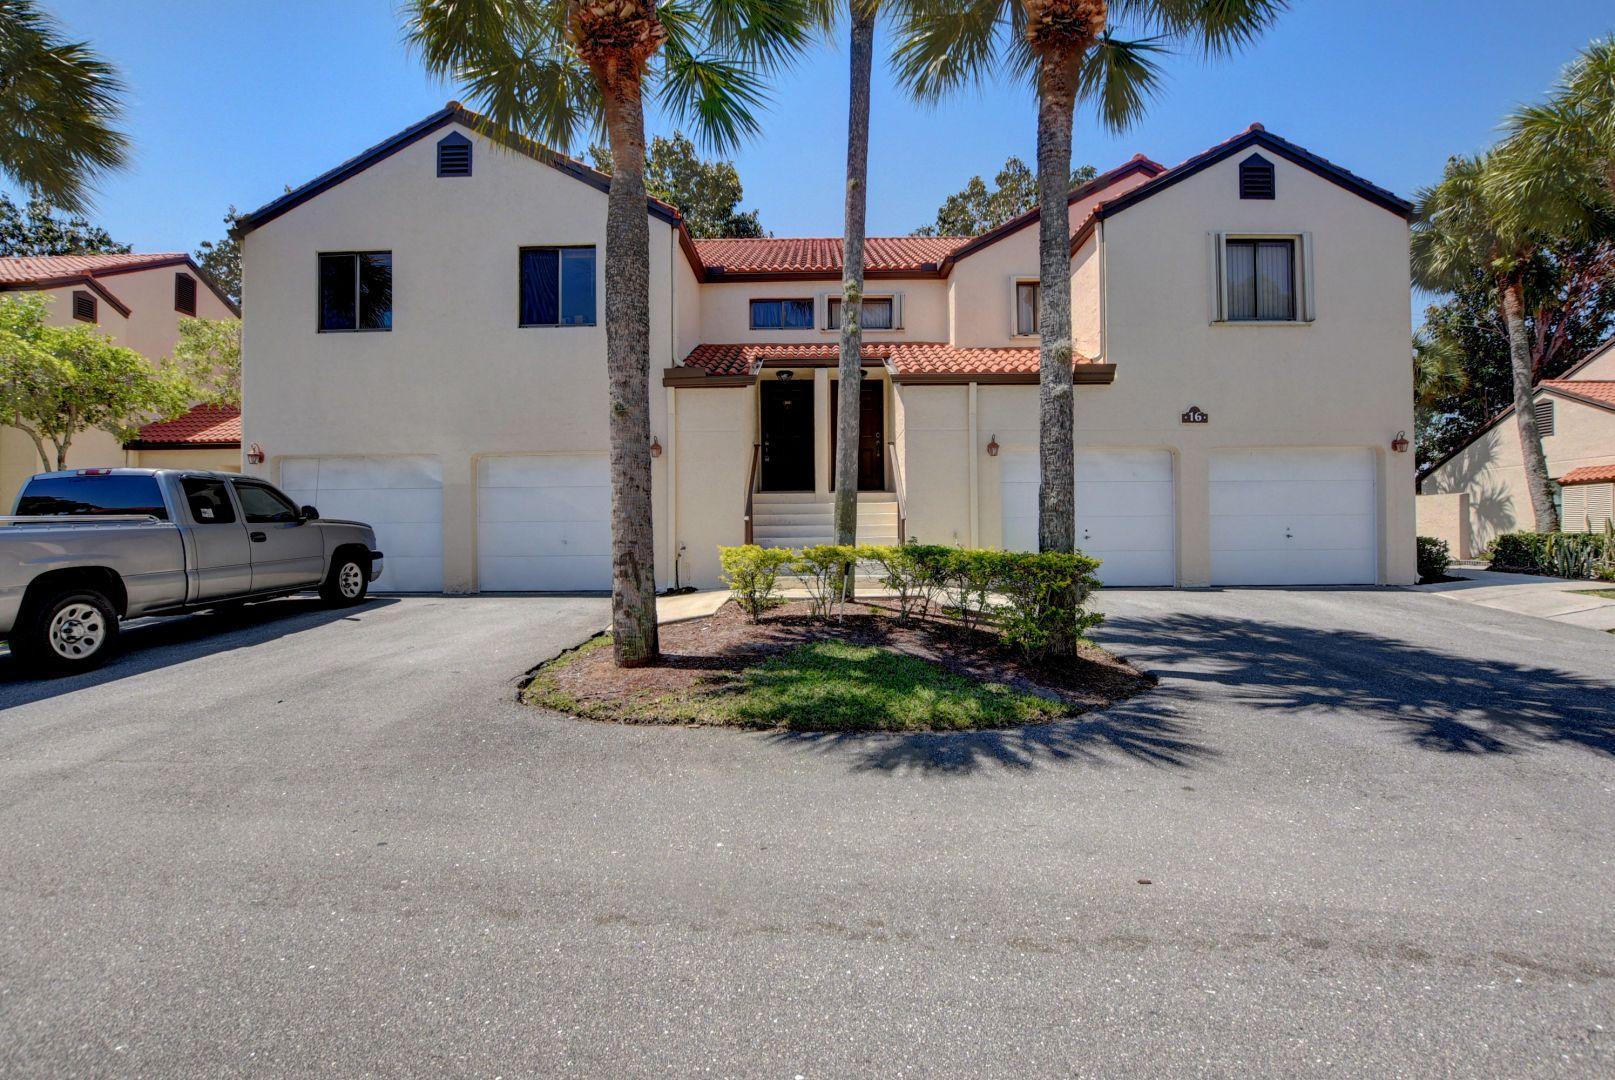 16 Via De Casas Sur 203 Boynton Beach, FL 33426